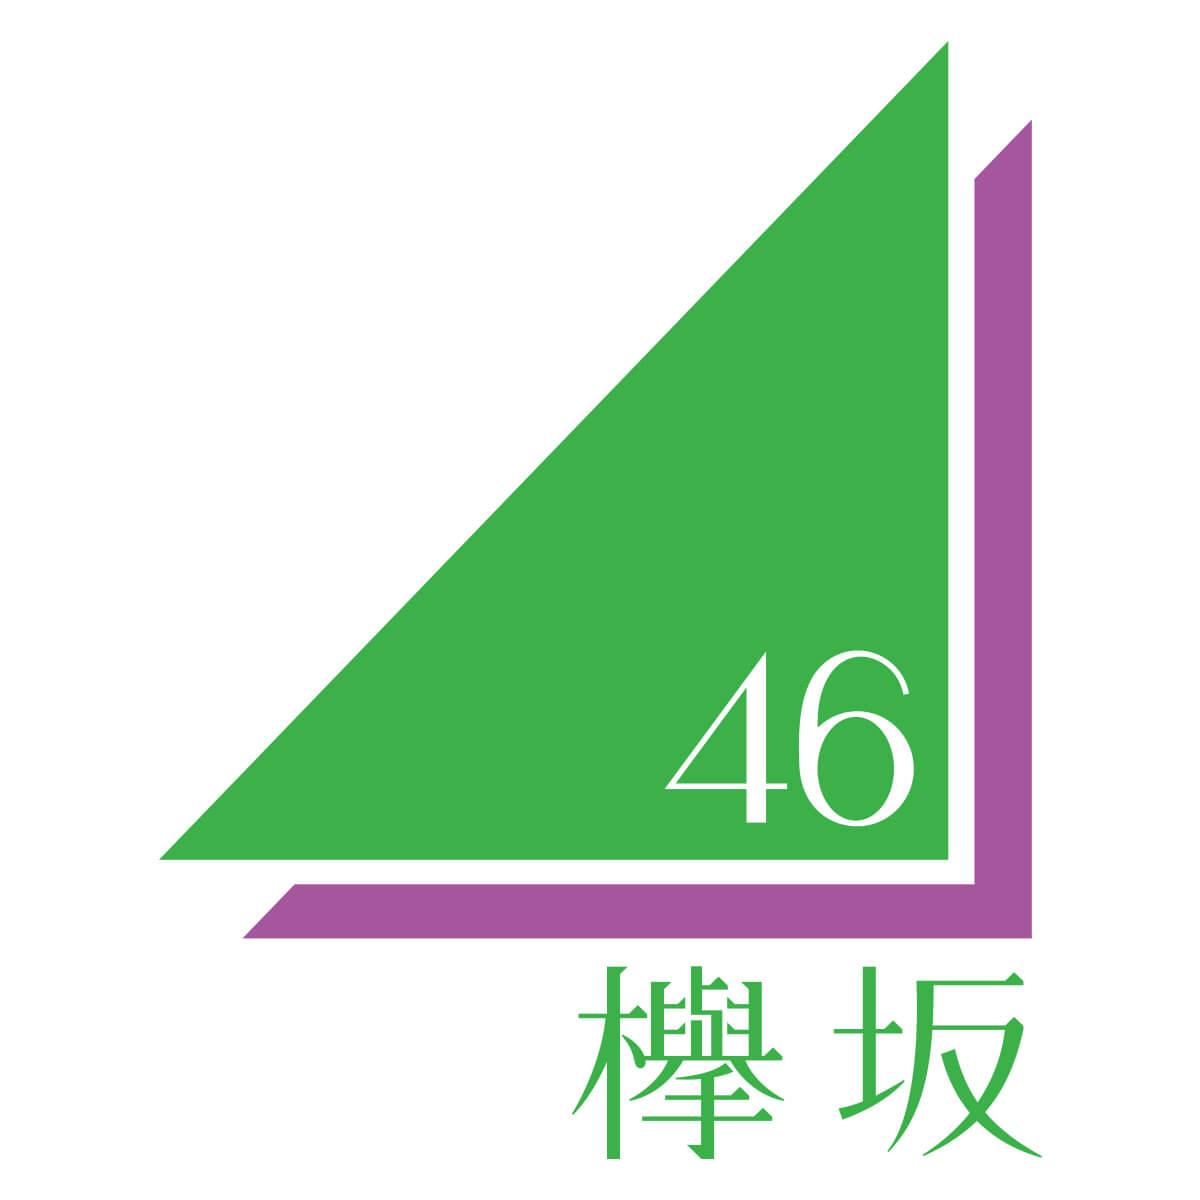 お問い合わせ | 欅坂46公式サイト